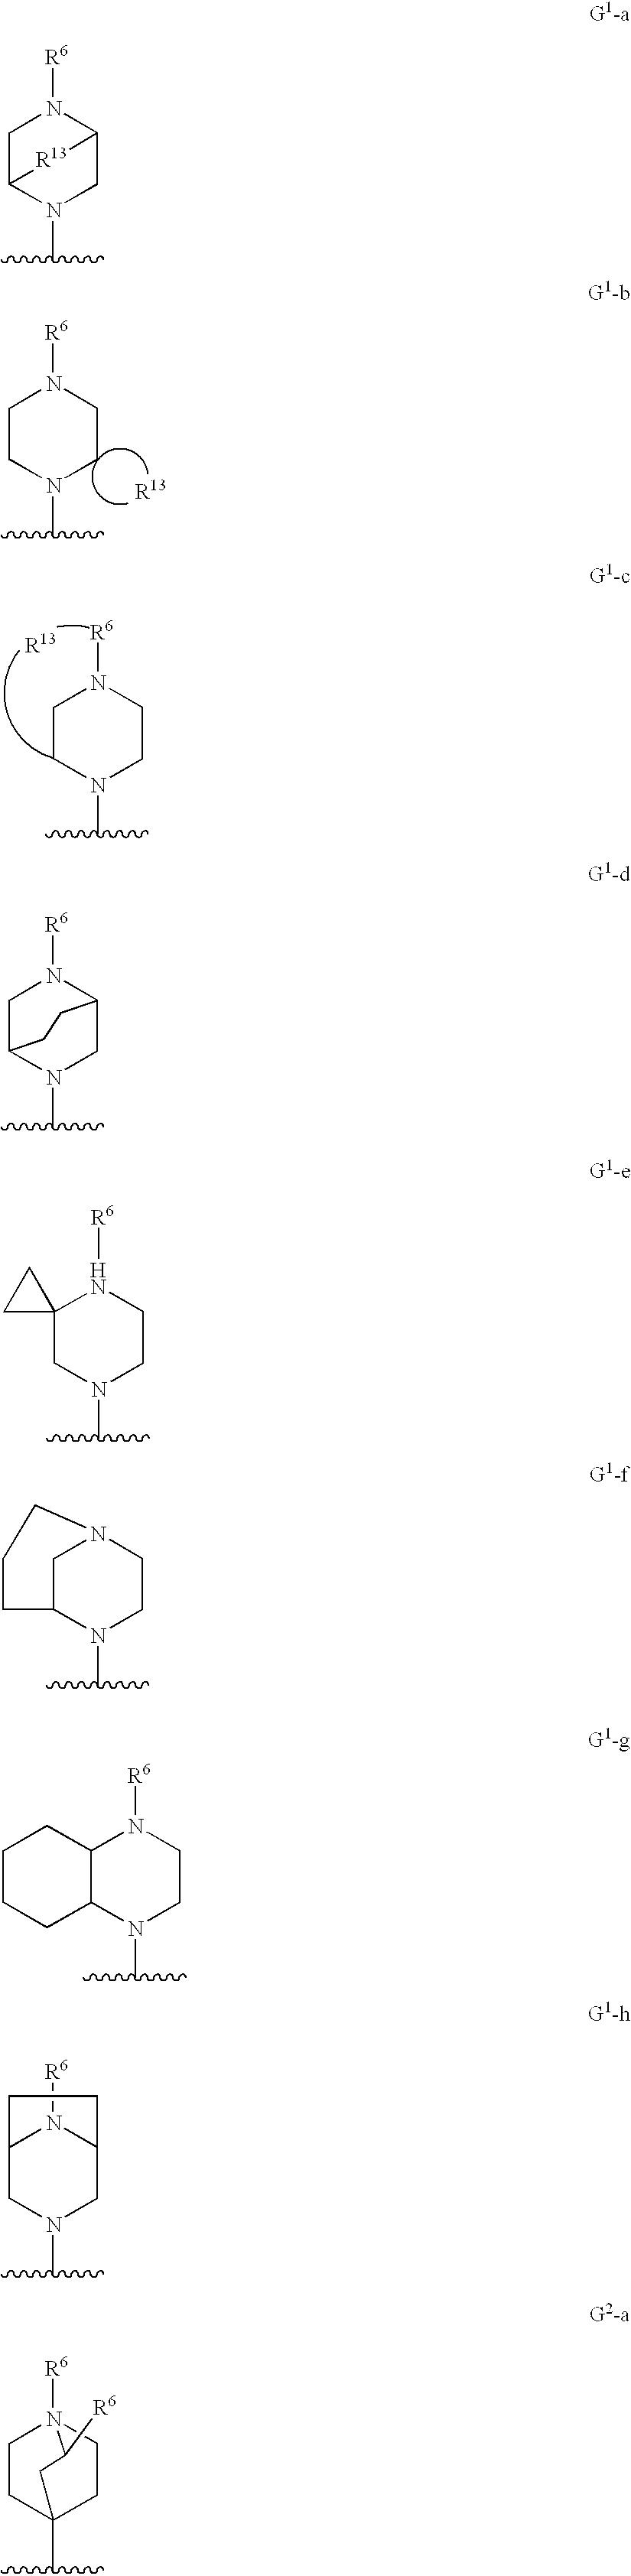 Figure US06562813-20030513-C00004